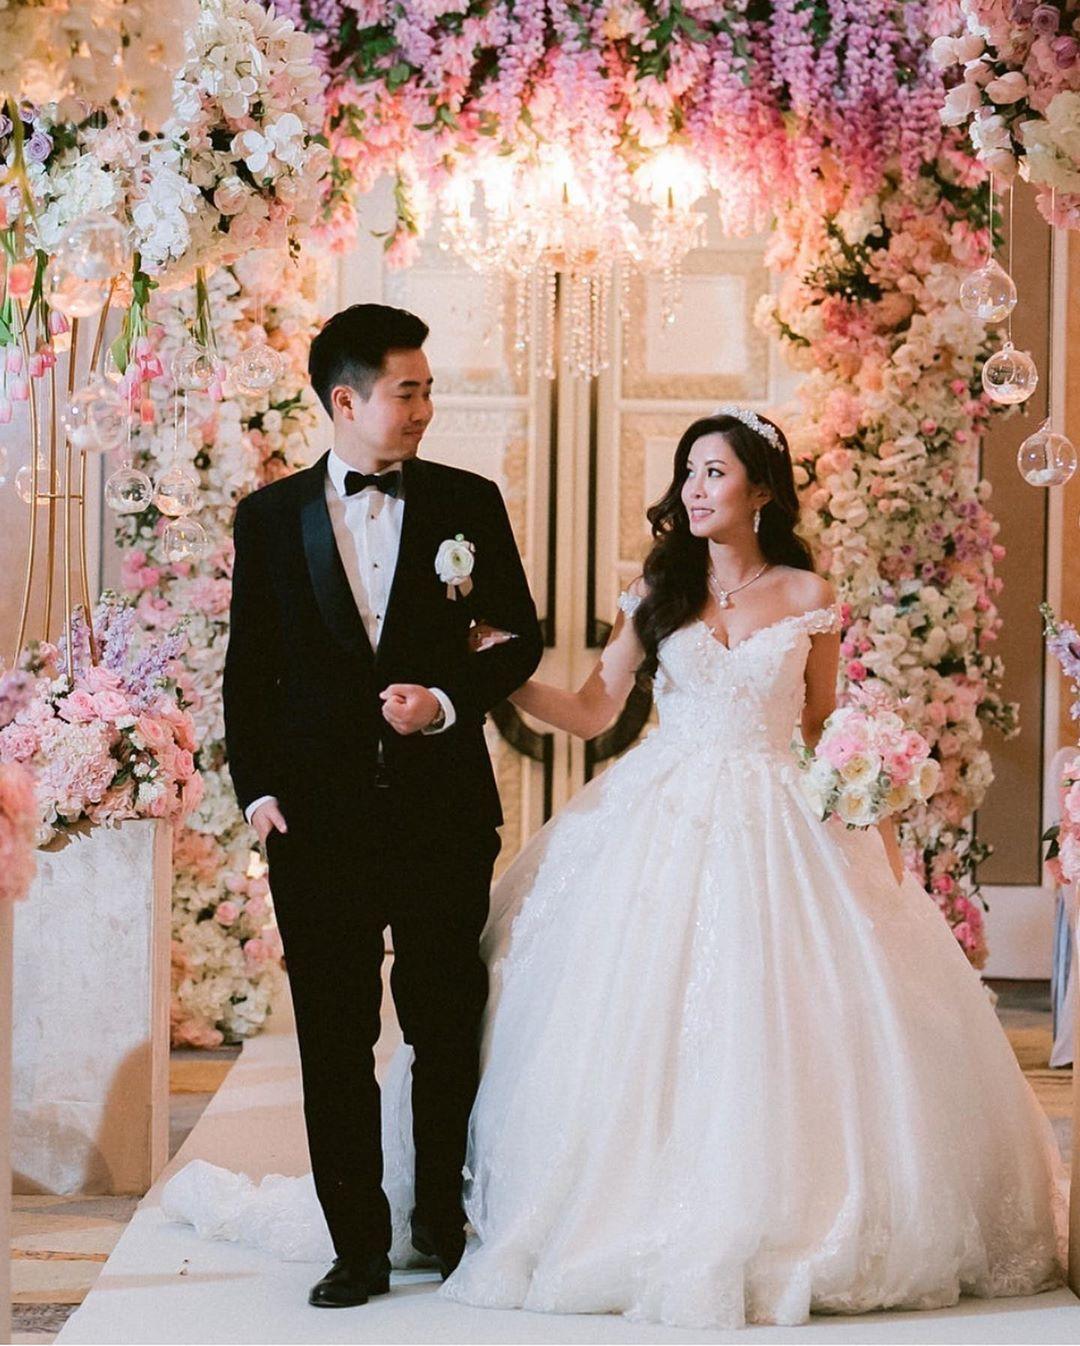 Demetrios Official Sur Instagram : Real Bride Cecilia